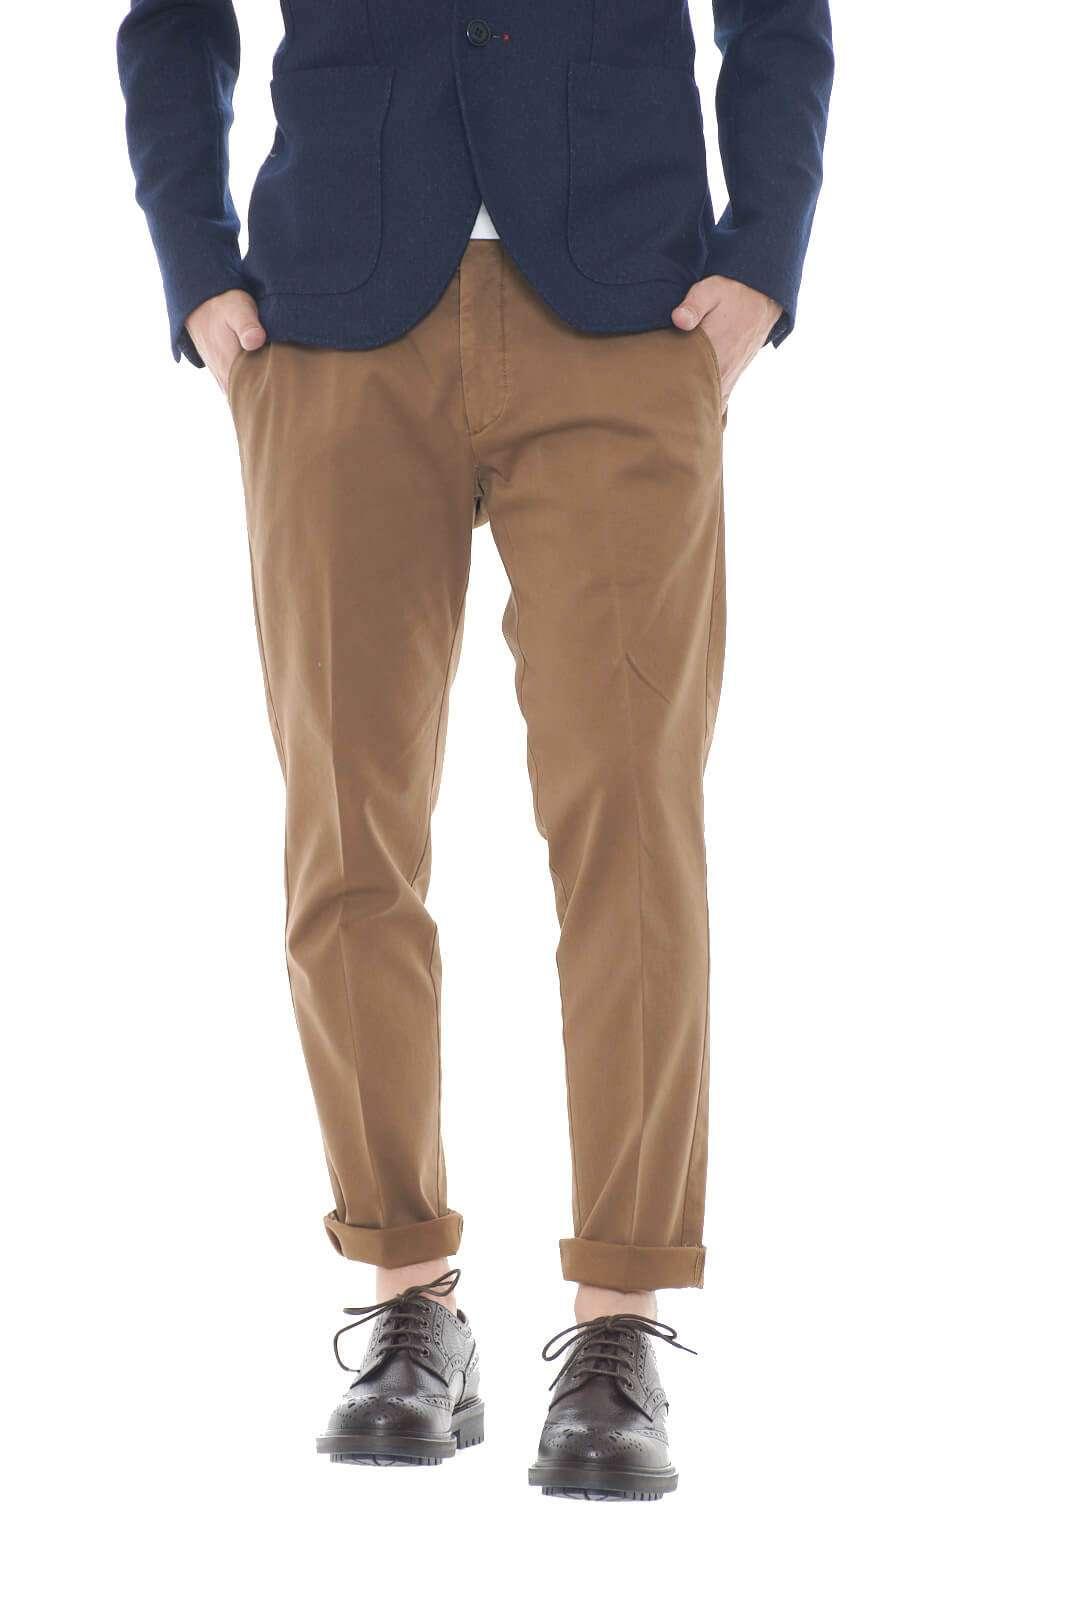 AI outlet parmax pantaloni uomo Michael Coal BRAD2468 A